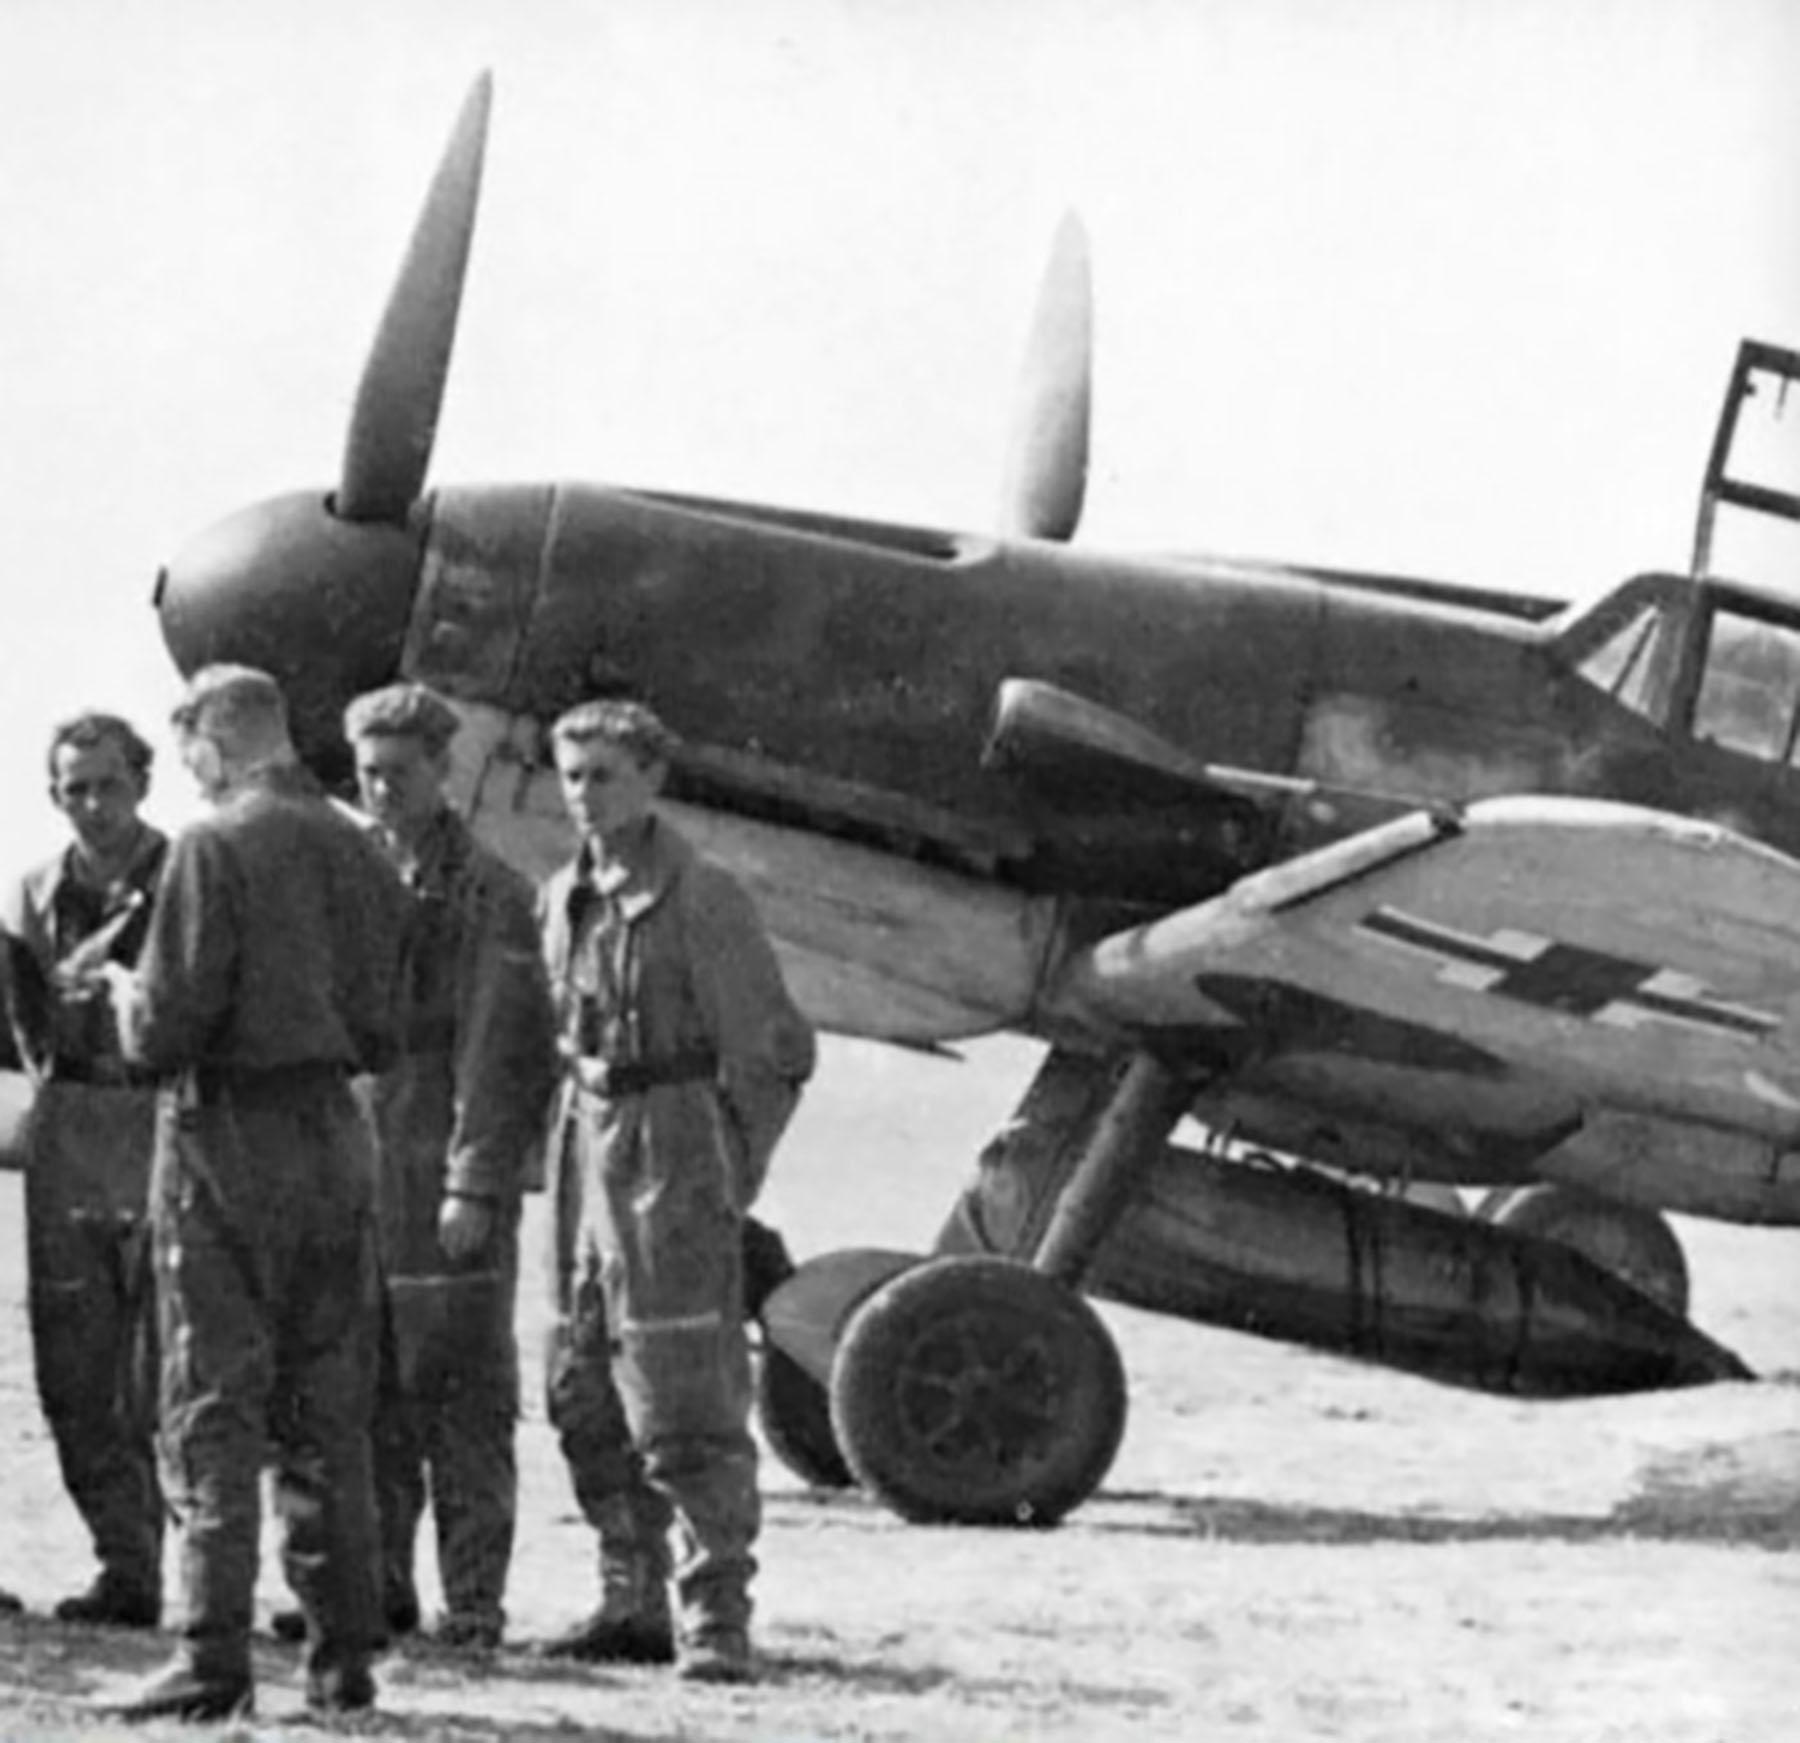 Messerschmitt Bf 109G12R3 Reichsverteidigung unknown unit and pilot 01